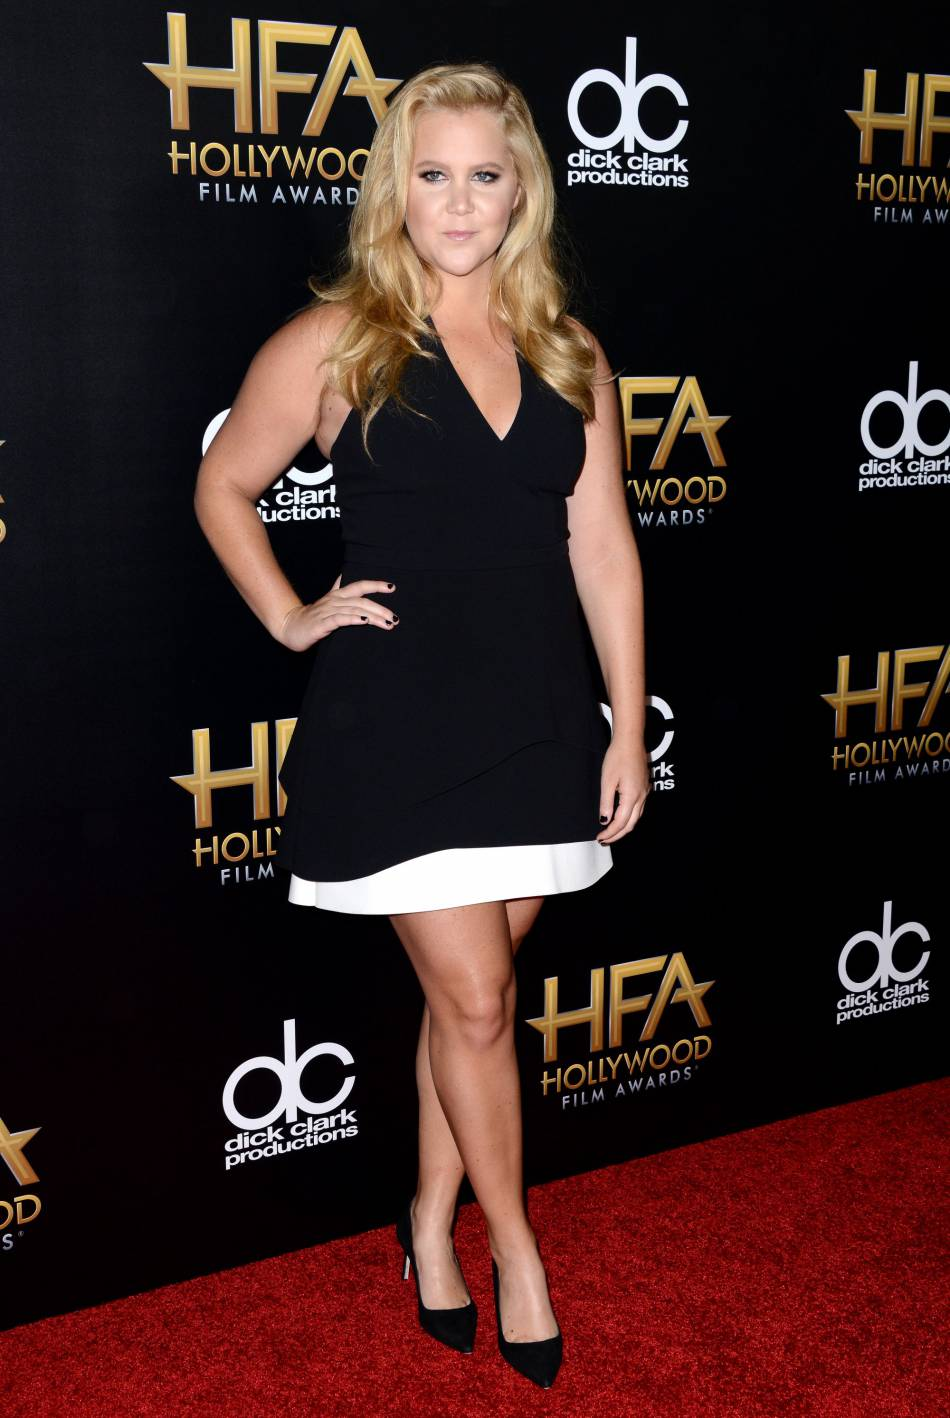 Amy Schumer sur le red carpet des Hollywood Film Awards le 1er novembre 2015 à Los Angeles.